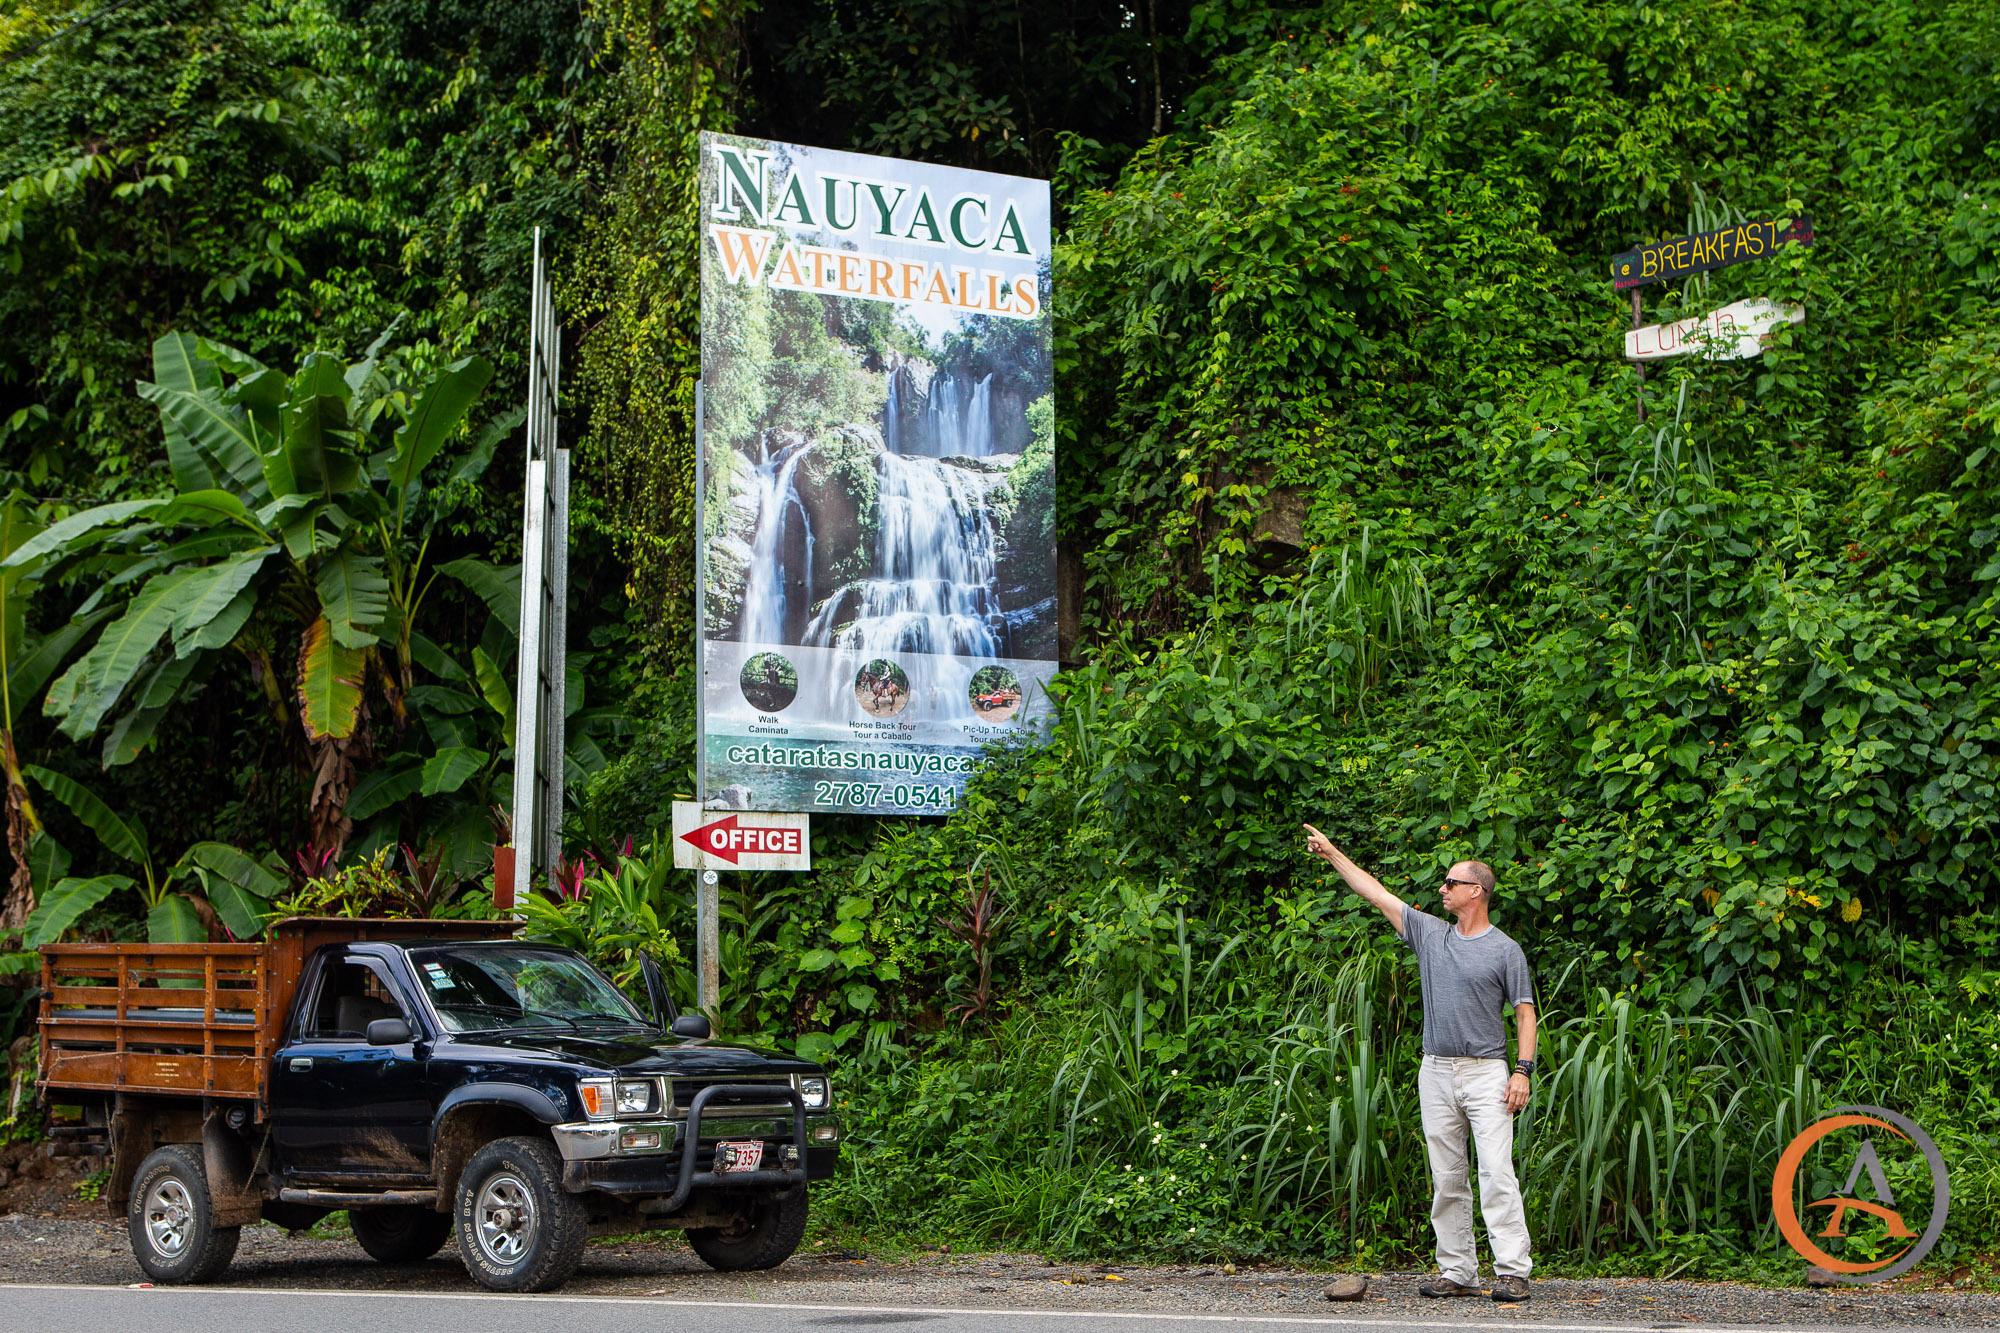 Costa Rica 2020 - June 13th-19th, 2020